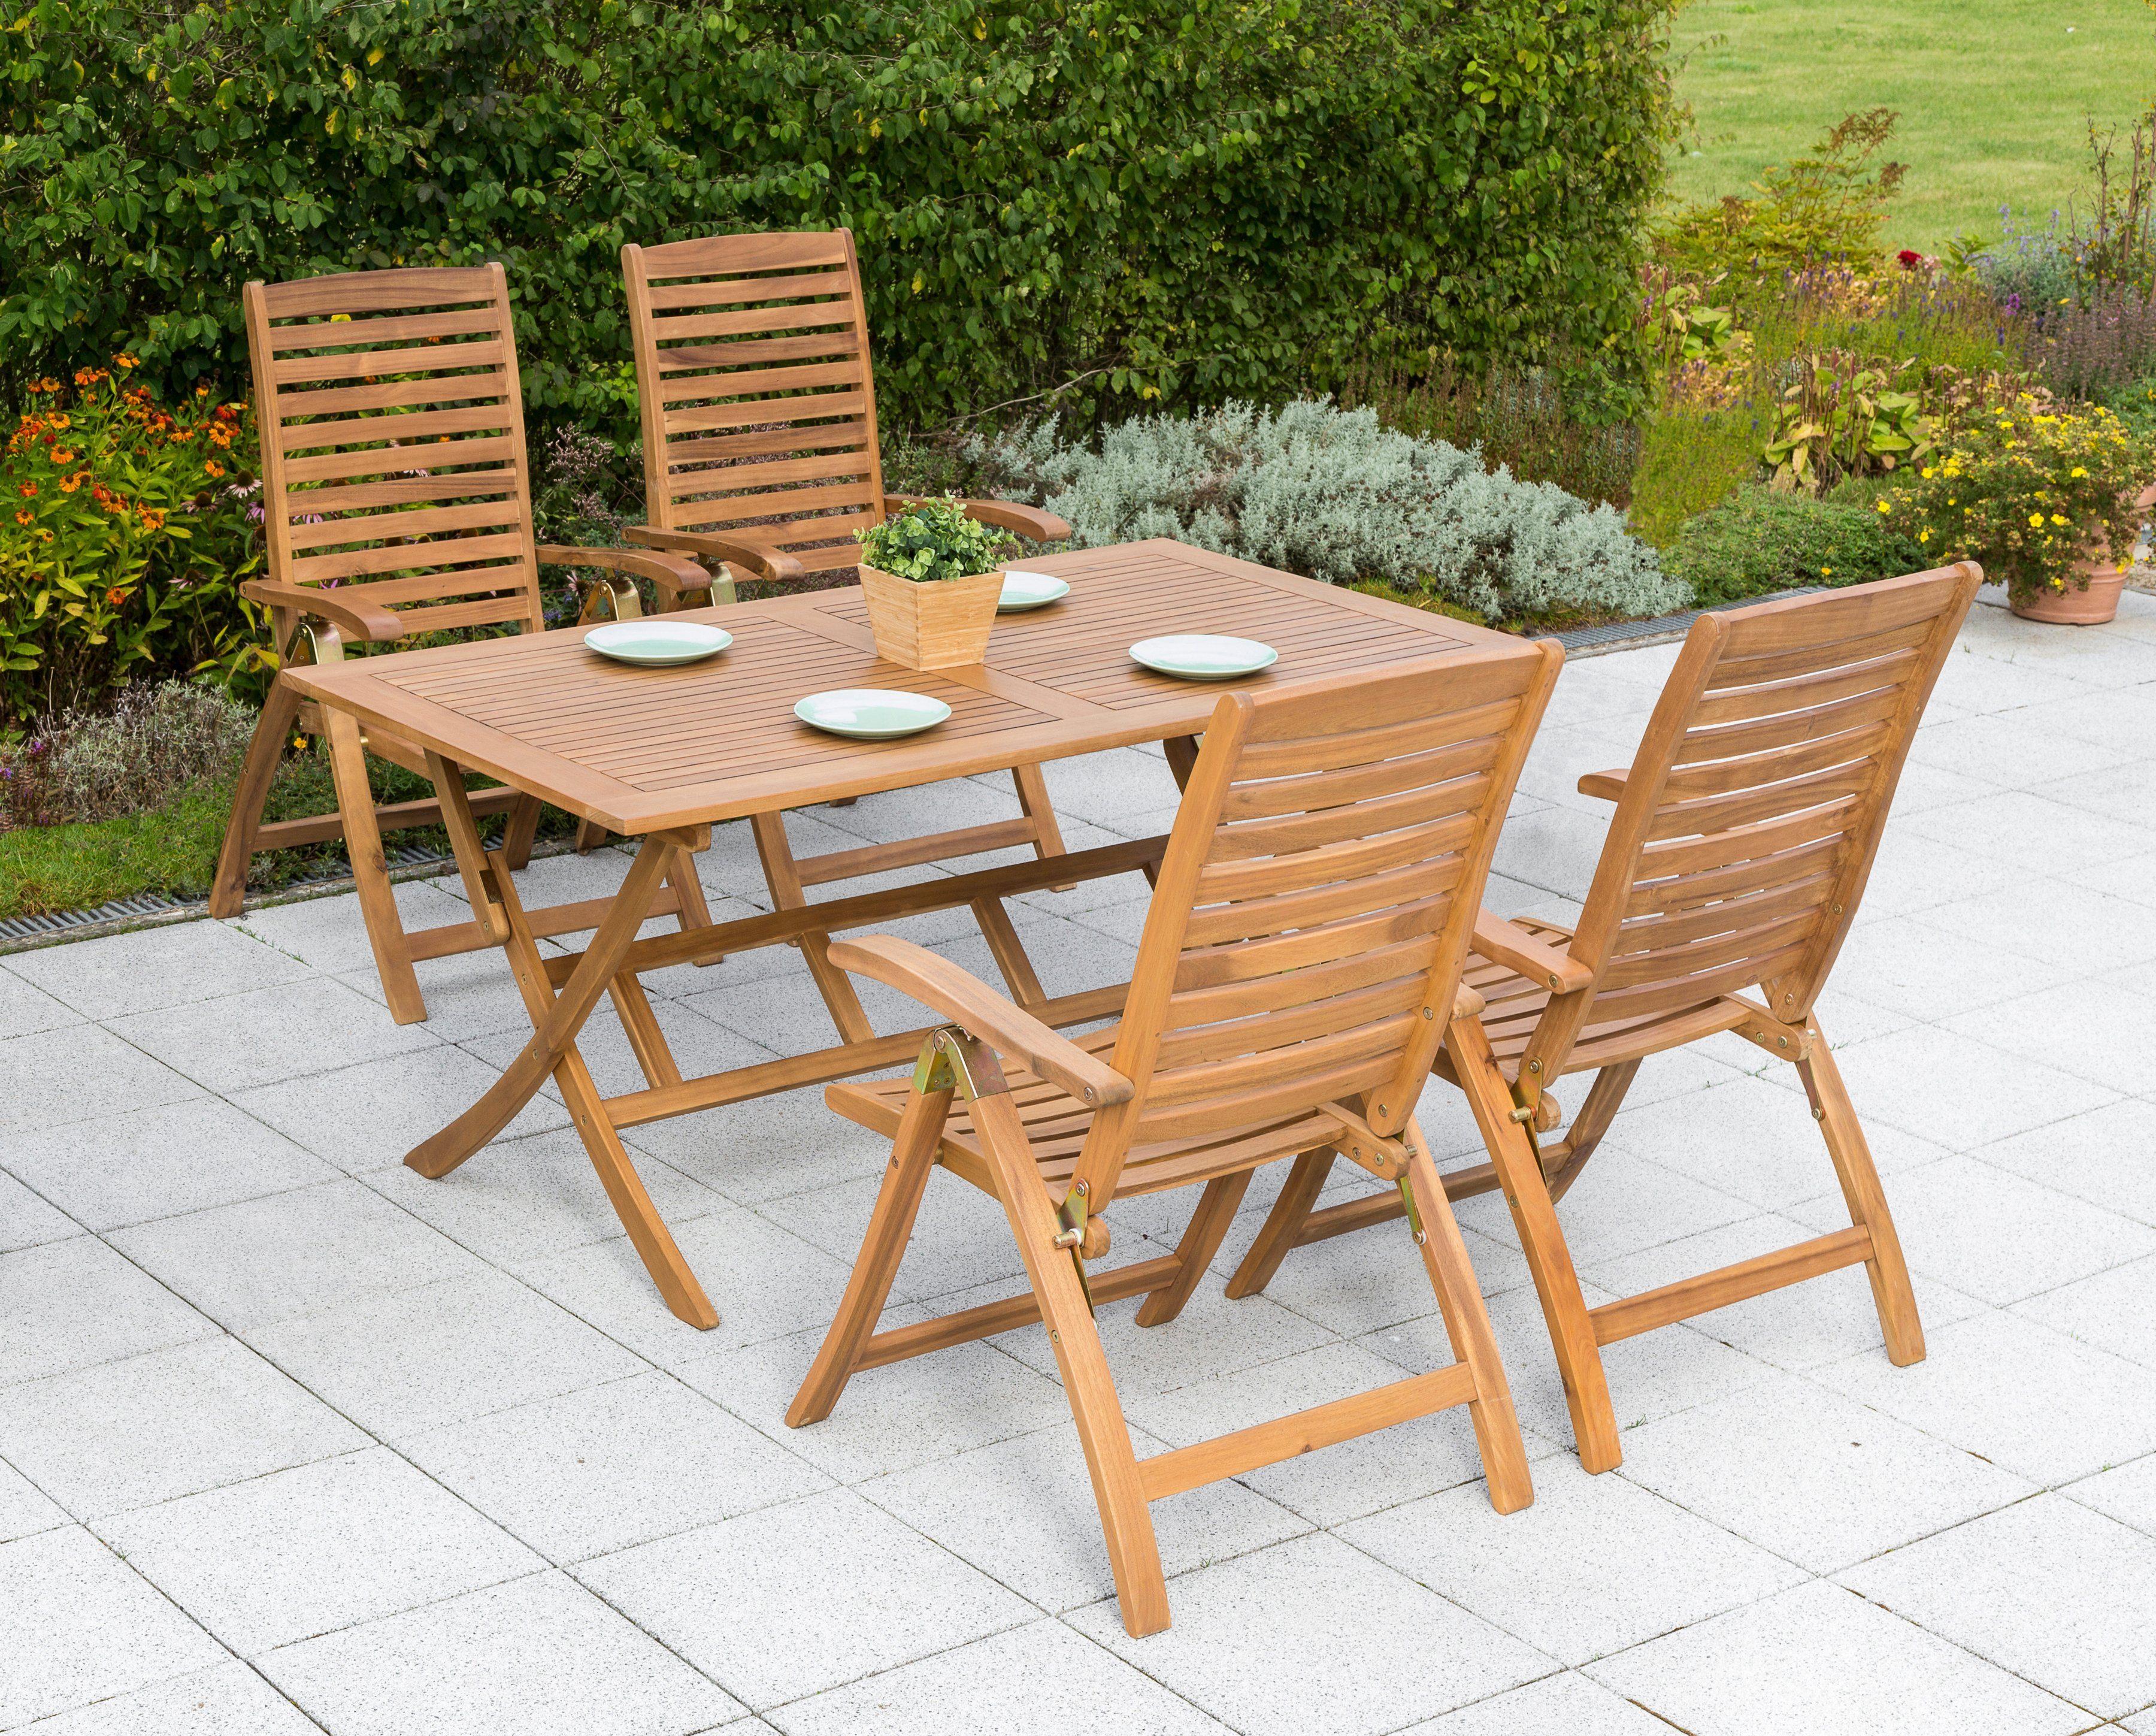 MERXX Gartenmöbelset »Paraiba«, 5-tlg., 4 Klappsessel, Tisch 160x90 cm, Akazie, klappbar